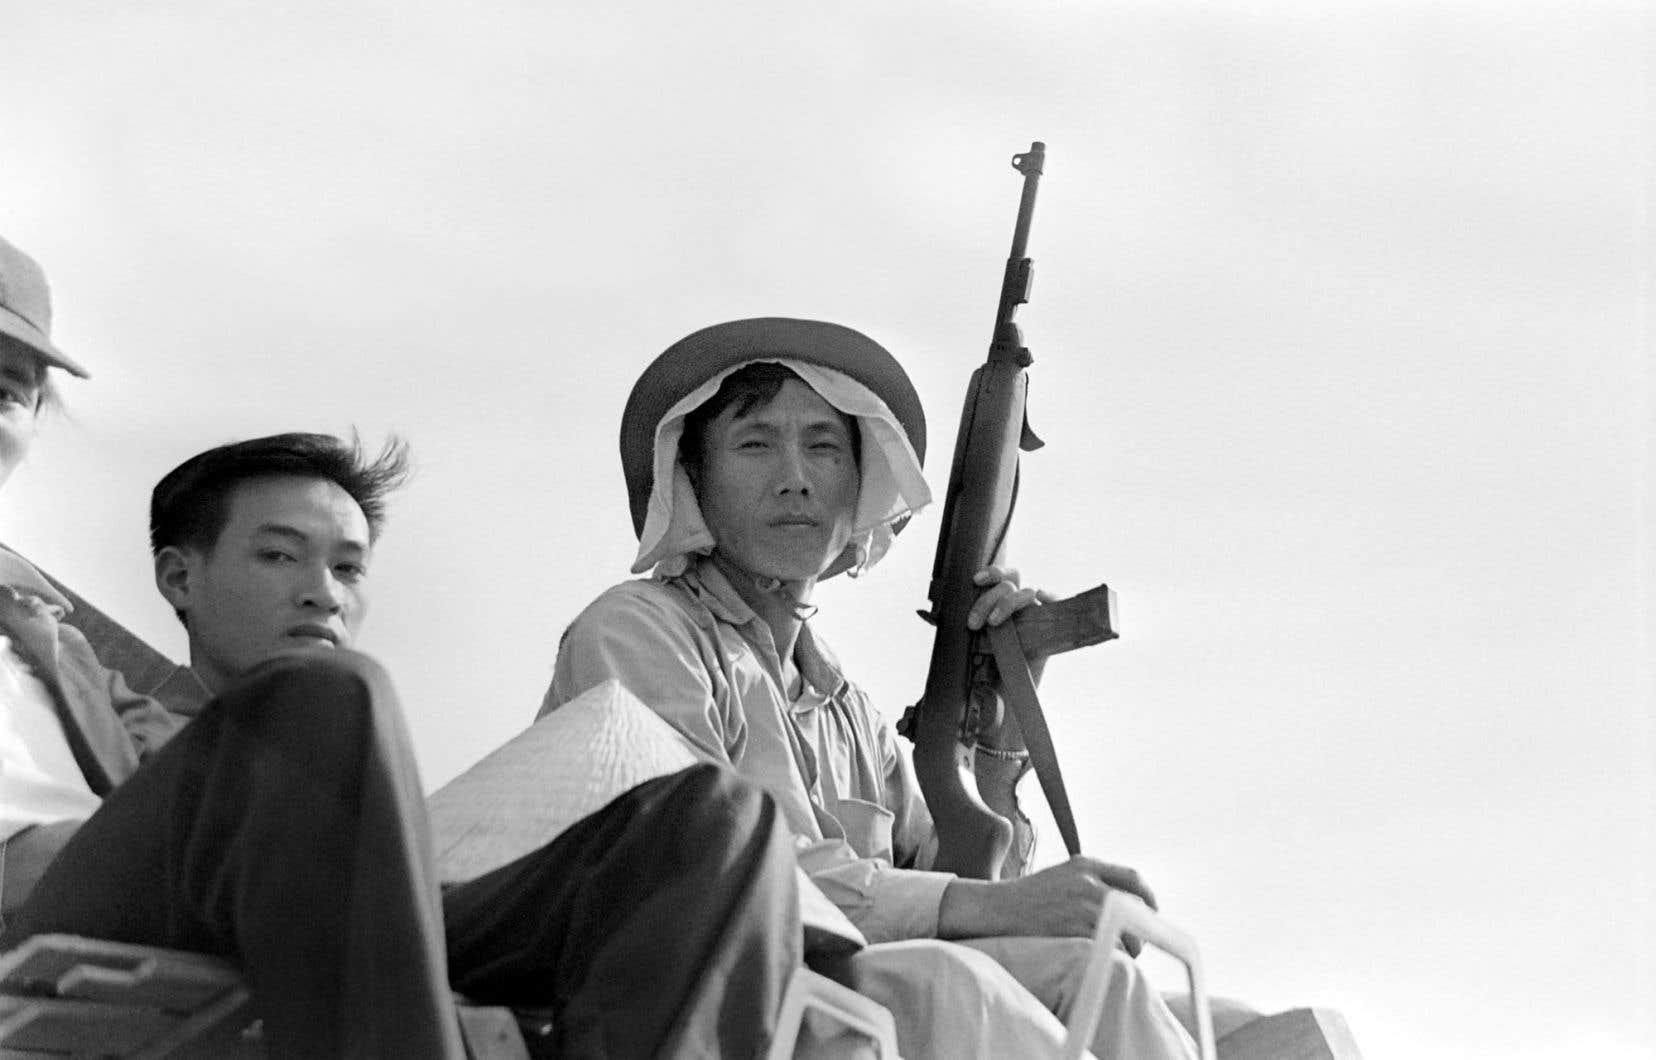 Des soldats nord-vietnamiens sur un char d'assaut à Da Nang, au mois d'avril 1975, alors que la ville est assiégée par le Vietcong.